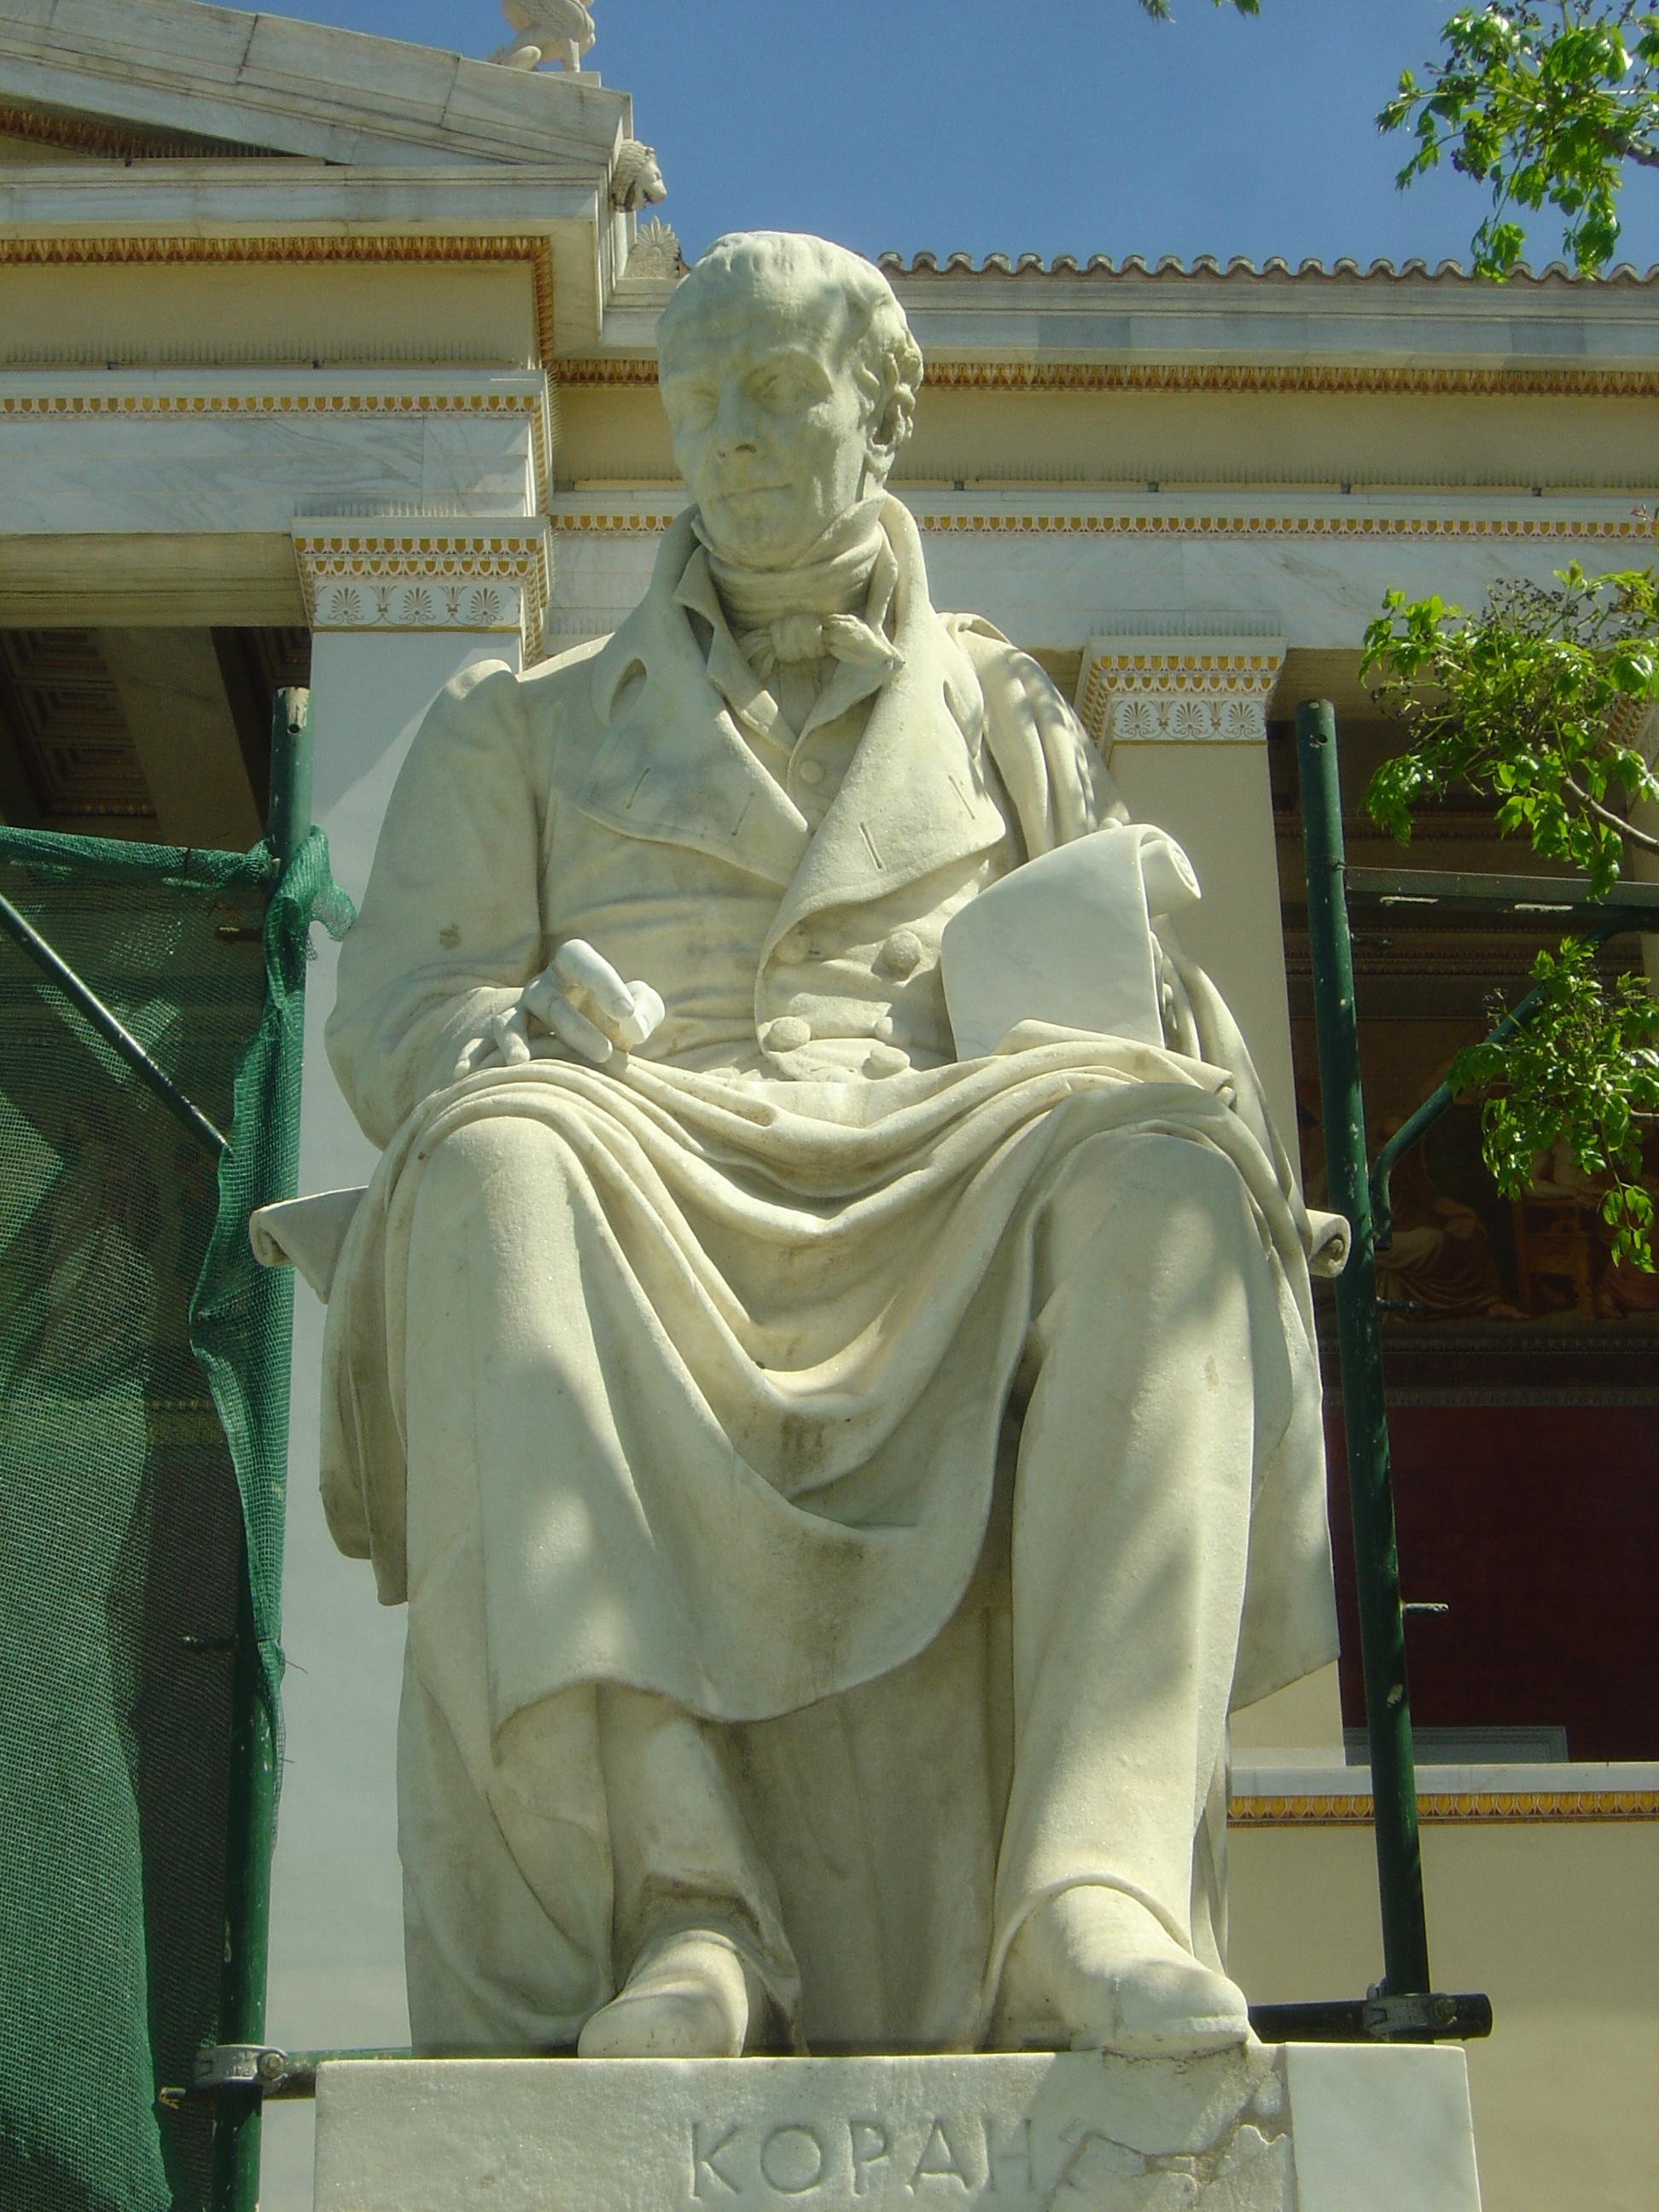 Standbeeld van de Griekse humanist Adam Korais vòòr de naar hem genoemde Korais openbare bibliotheek op het eiland Chios. Zijn belangrijkste werk is een 17-delige reeks van Griekse literatuur, gepubliceerd tussen 1805 en 1826.